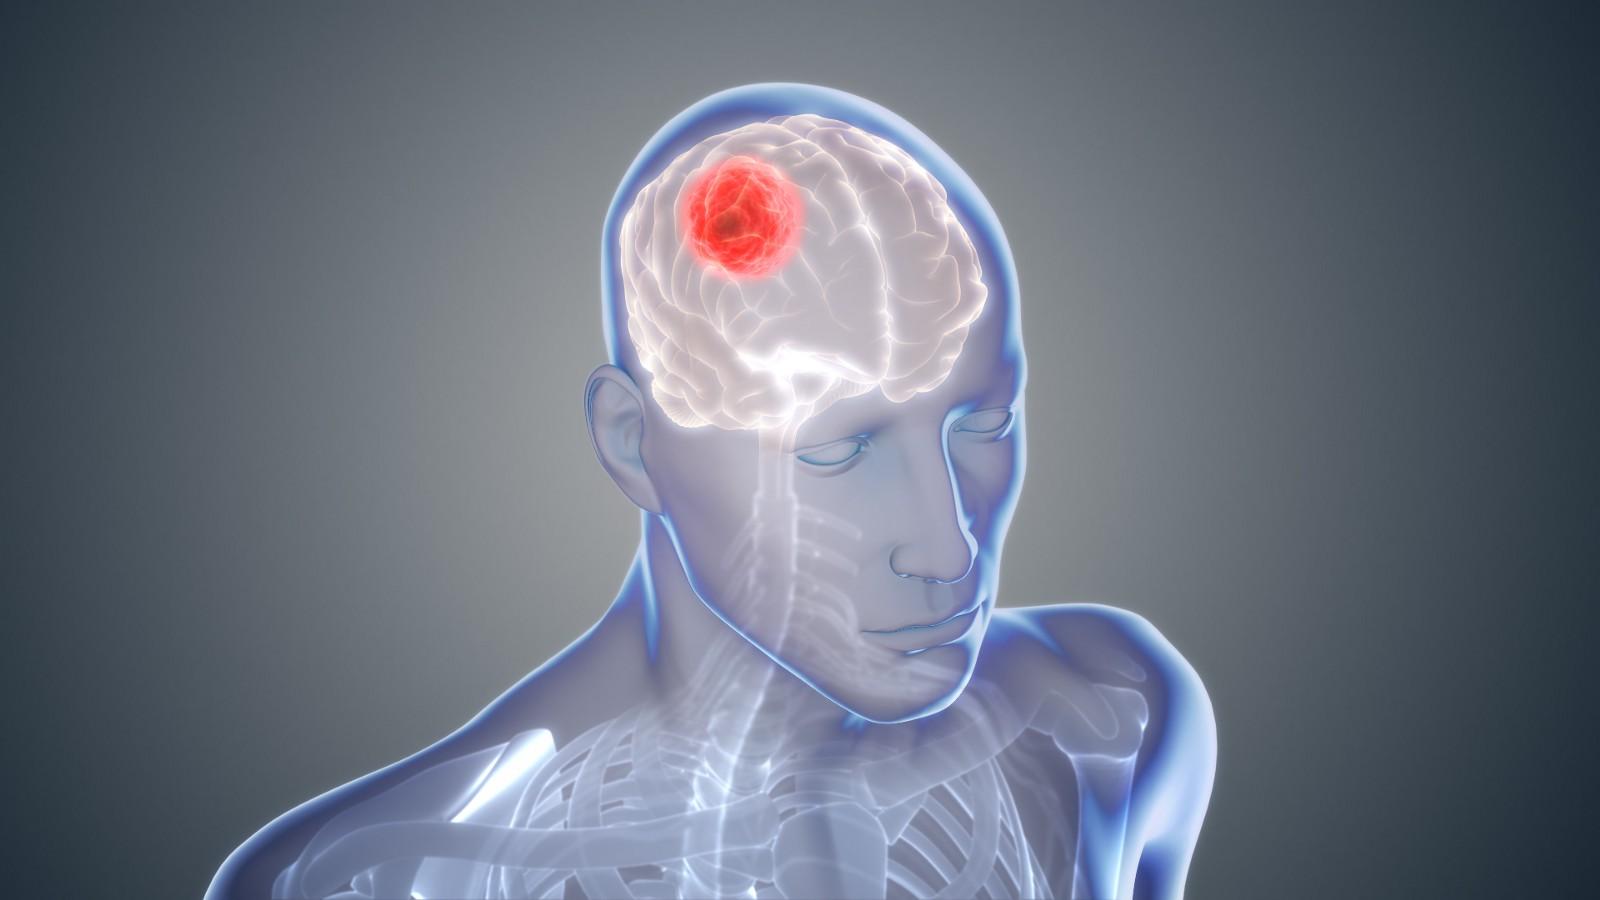 Глиобластома— одна из самых агрессивных иопасных злокачественных опухолей головного мозга. Даже при лечении современными препаратами выживаемость больных оставляет желать лучшего.